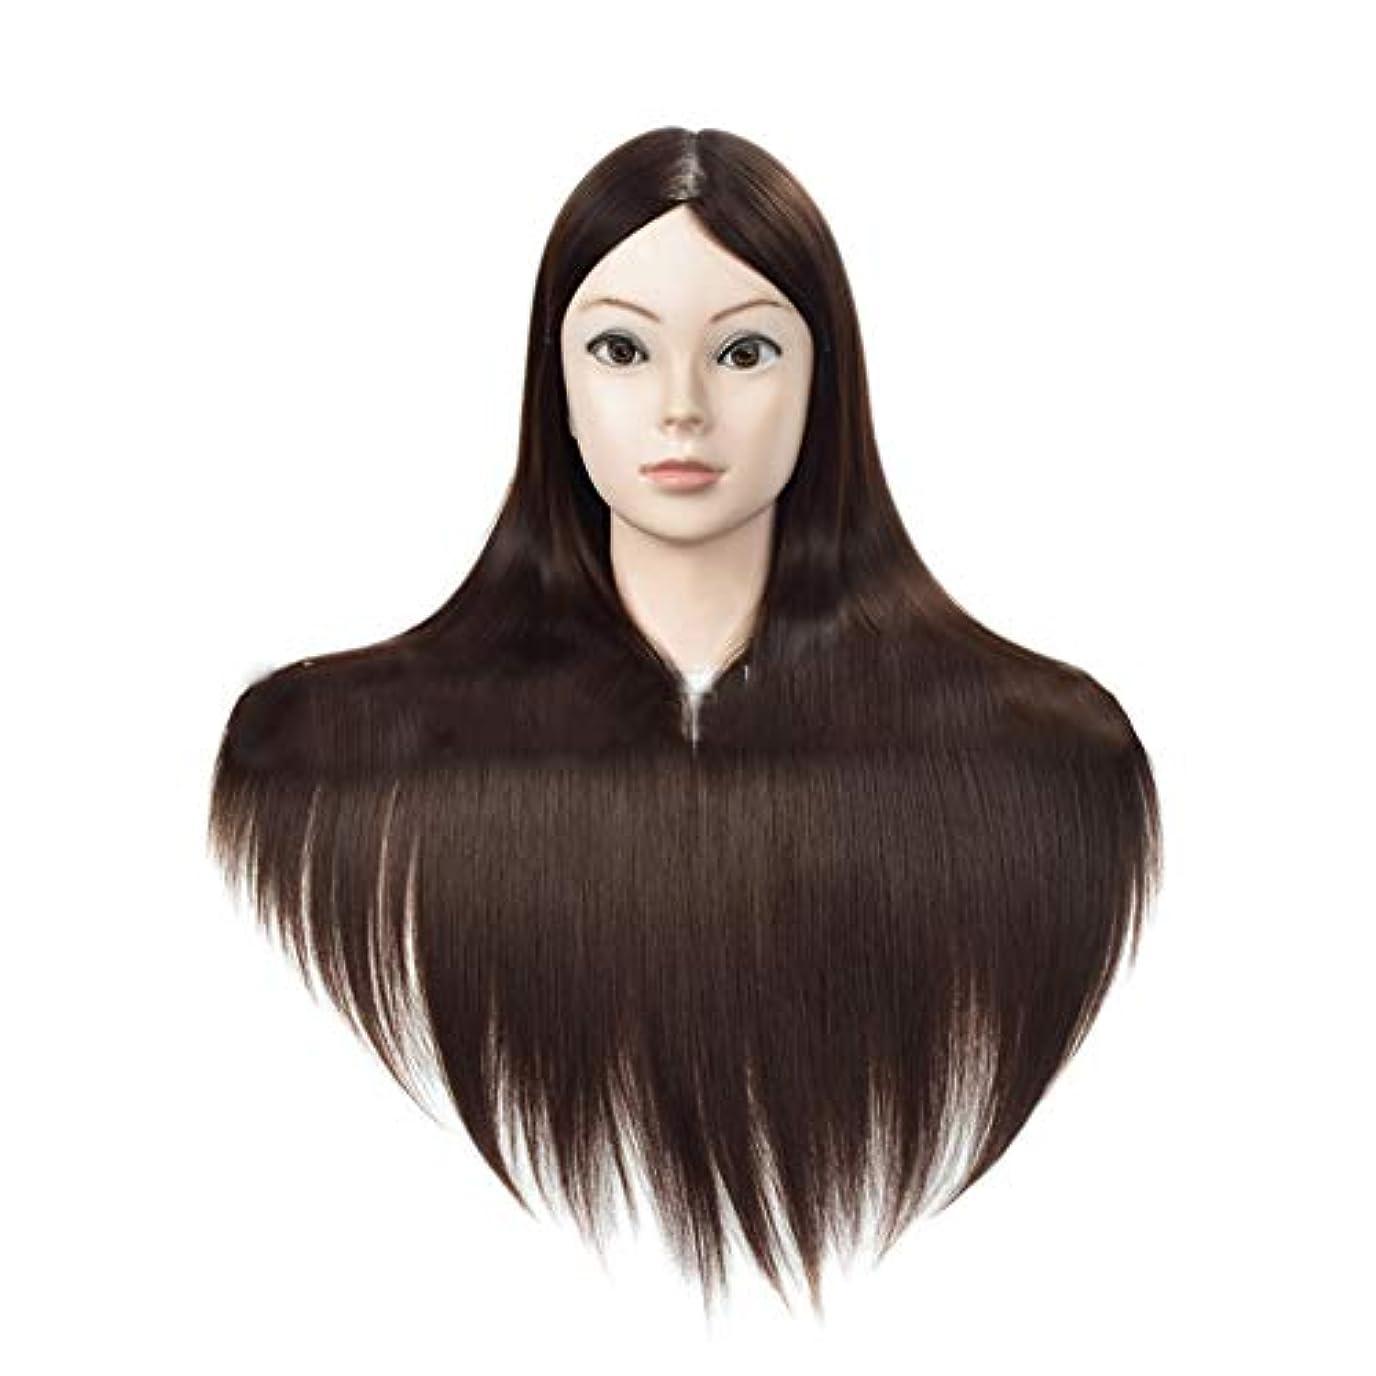 ファンネルウェブスパイダーうま請求可能髪編組ヘアスタイリング練習ヘッド高温線毛ウィッグヘッド金型メイク学習訓練ダミーヘッド